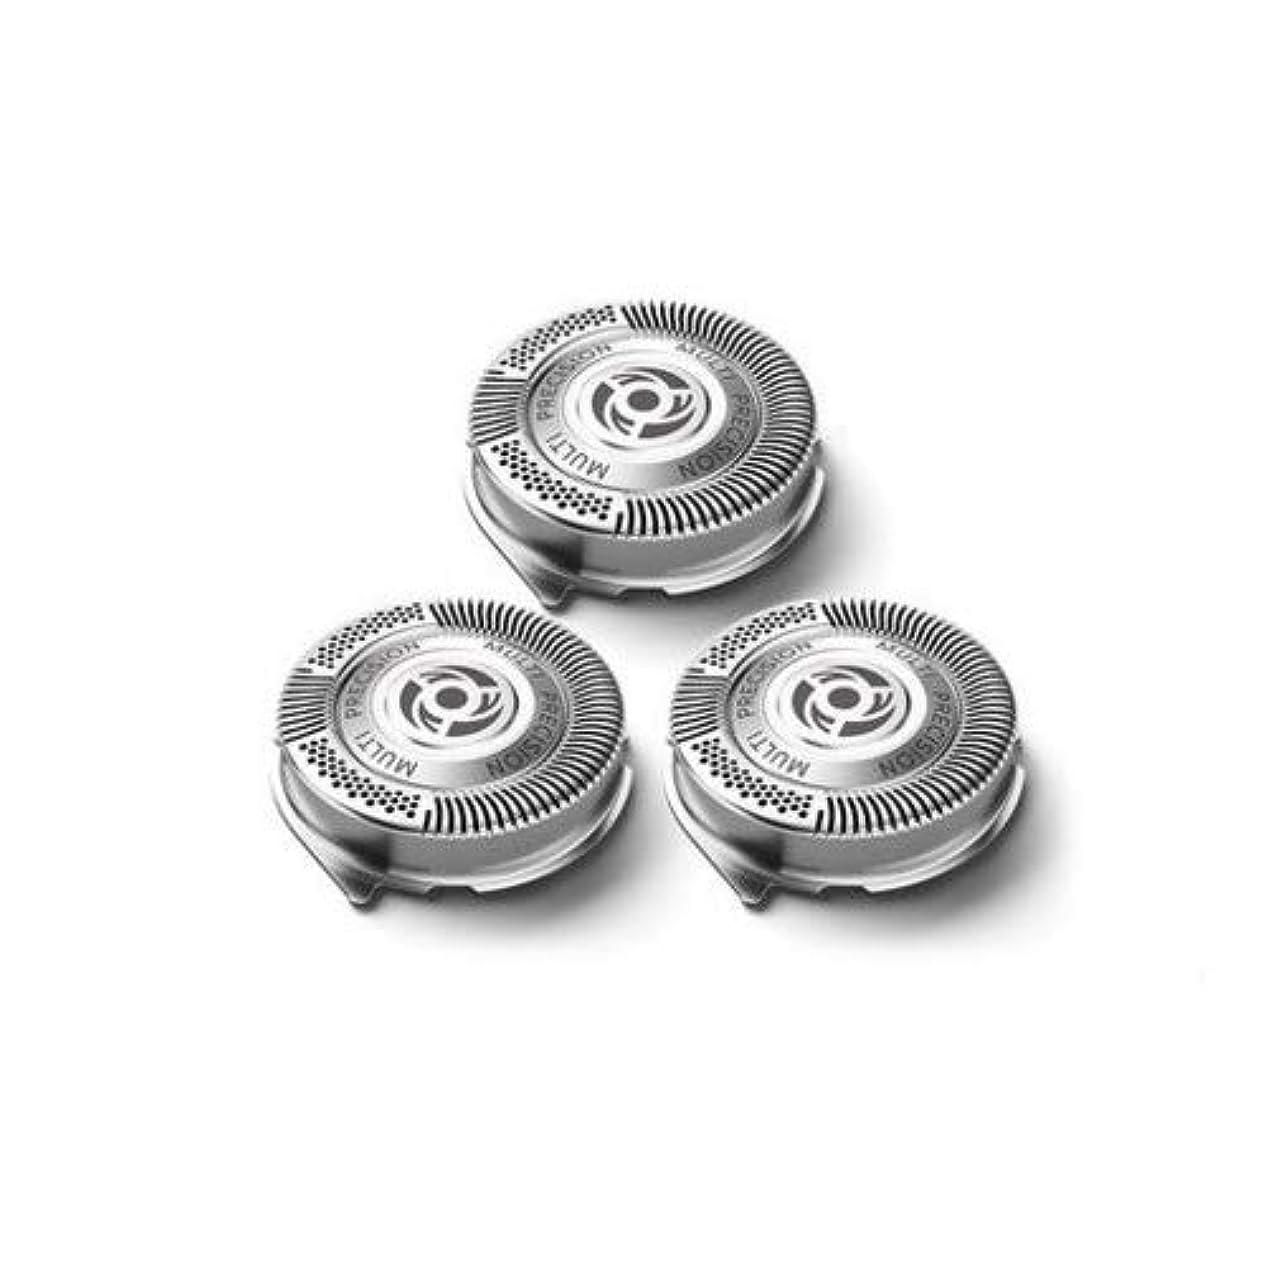 悪因子キラウエア山拳シェーバーカミソリヘッド交換 替え刃 に適用するPhilips SH50 DualPrecisionヘッド(3個)